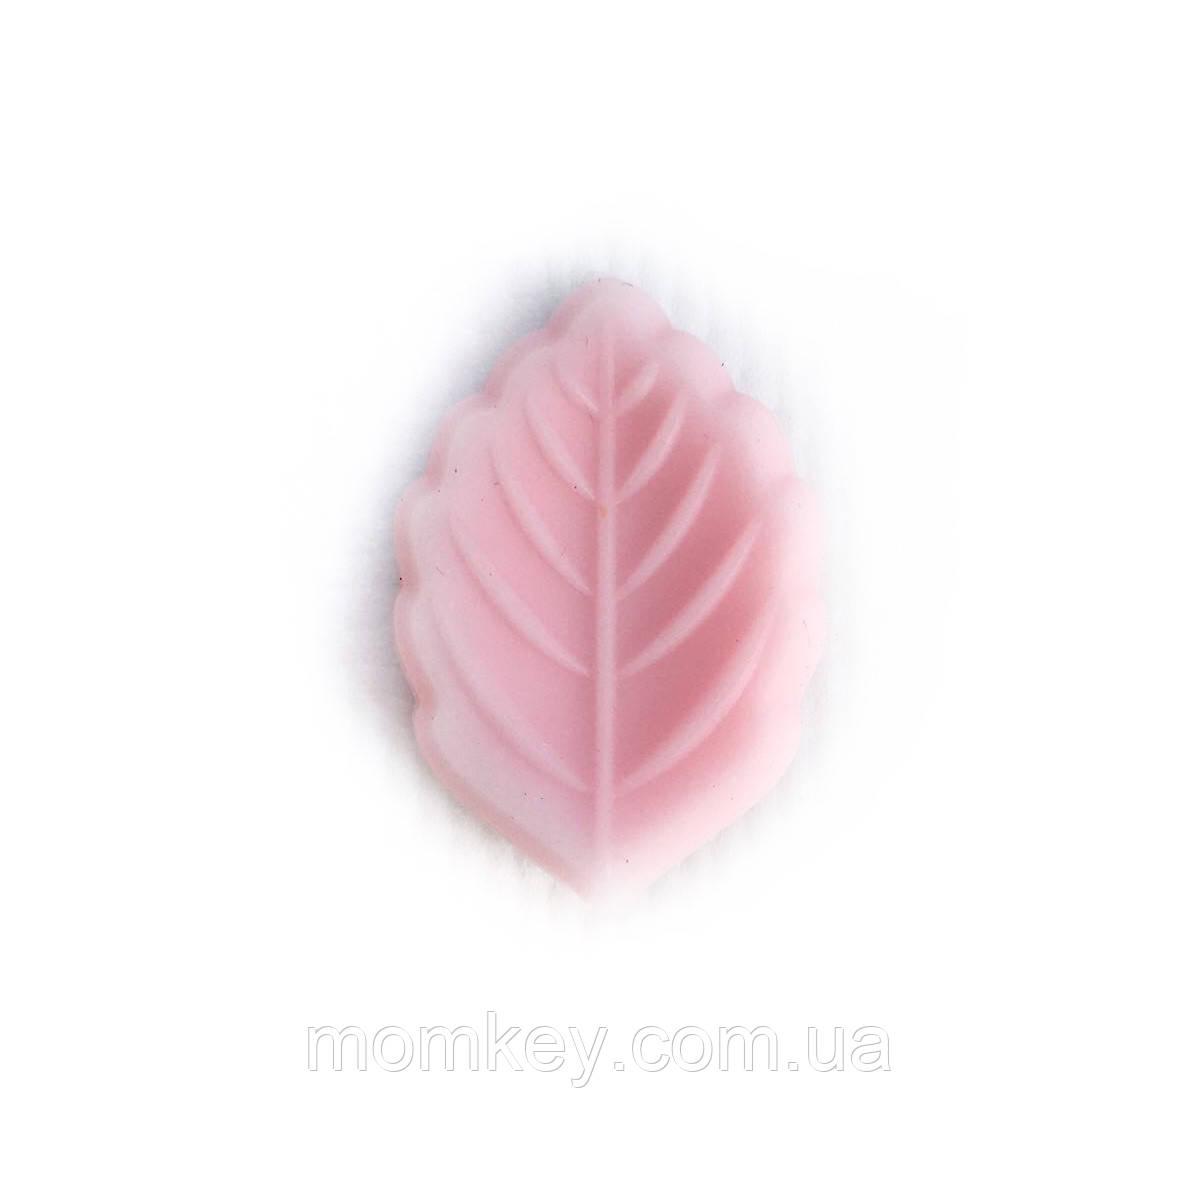 Аркуш 1 (рожевий кварц)